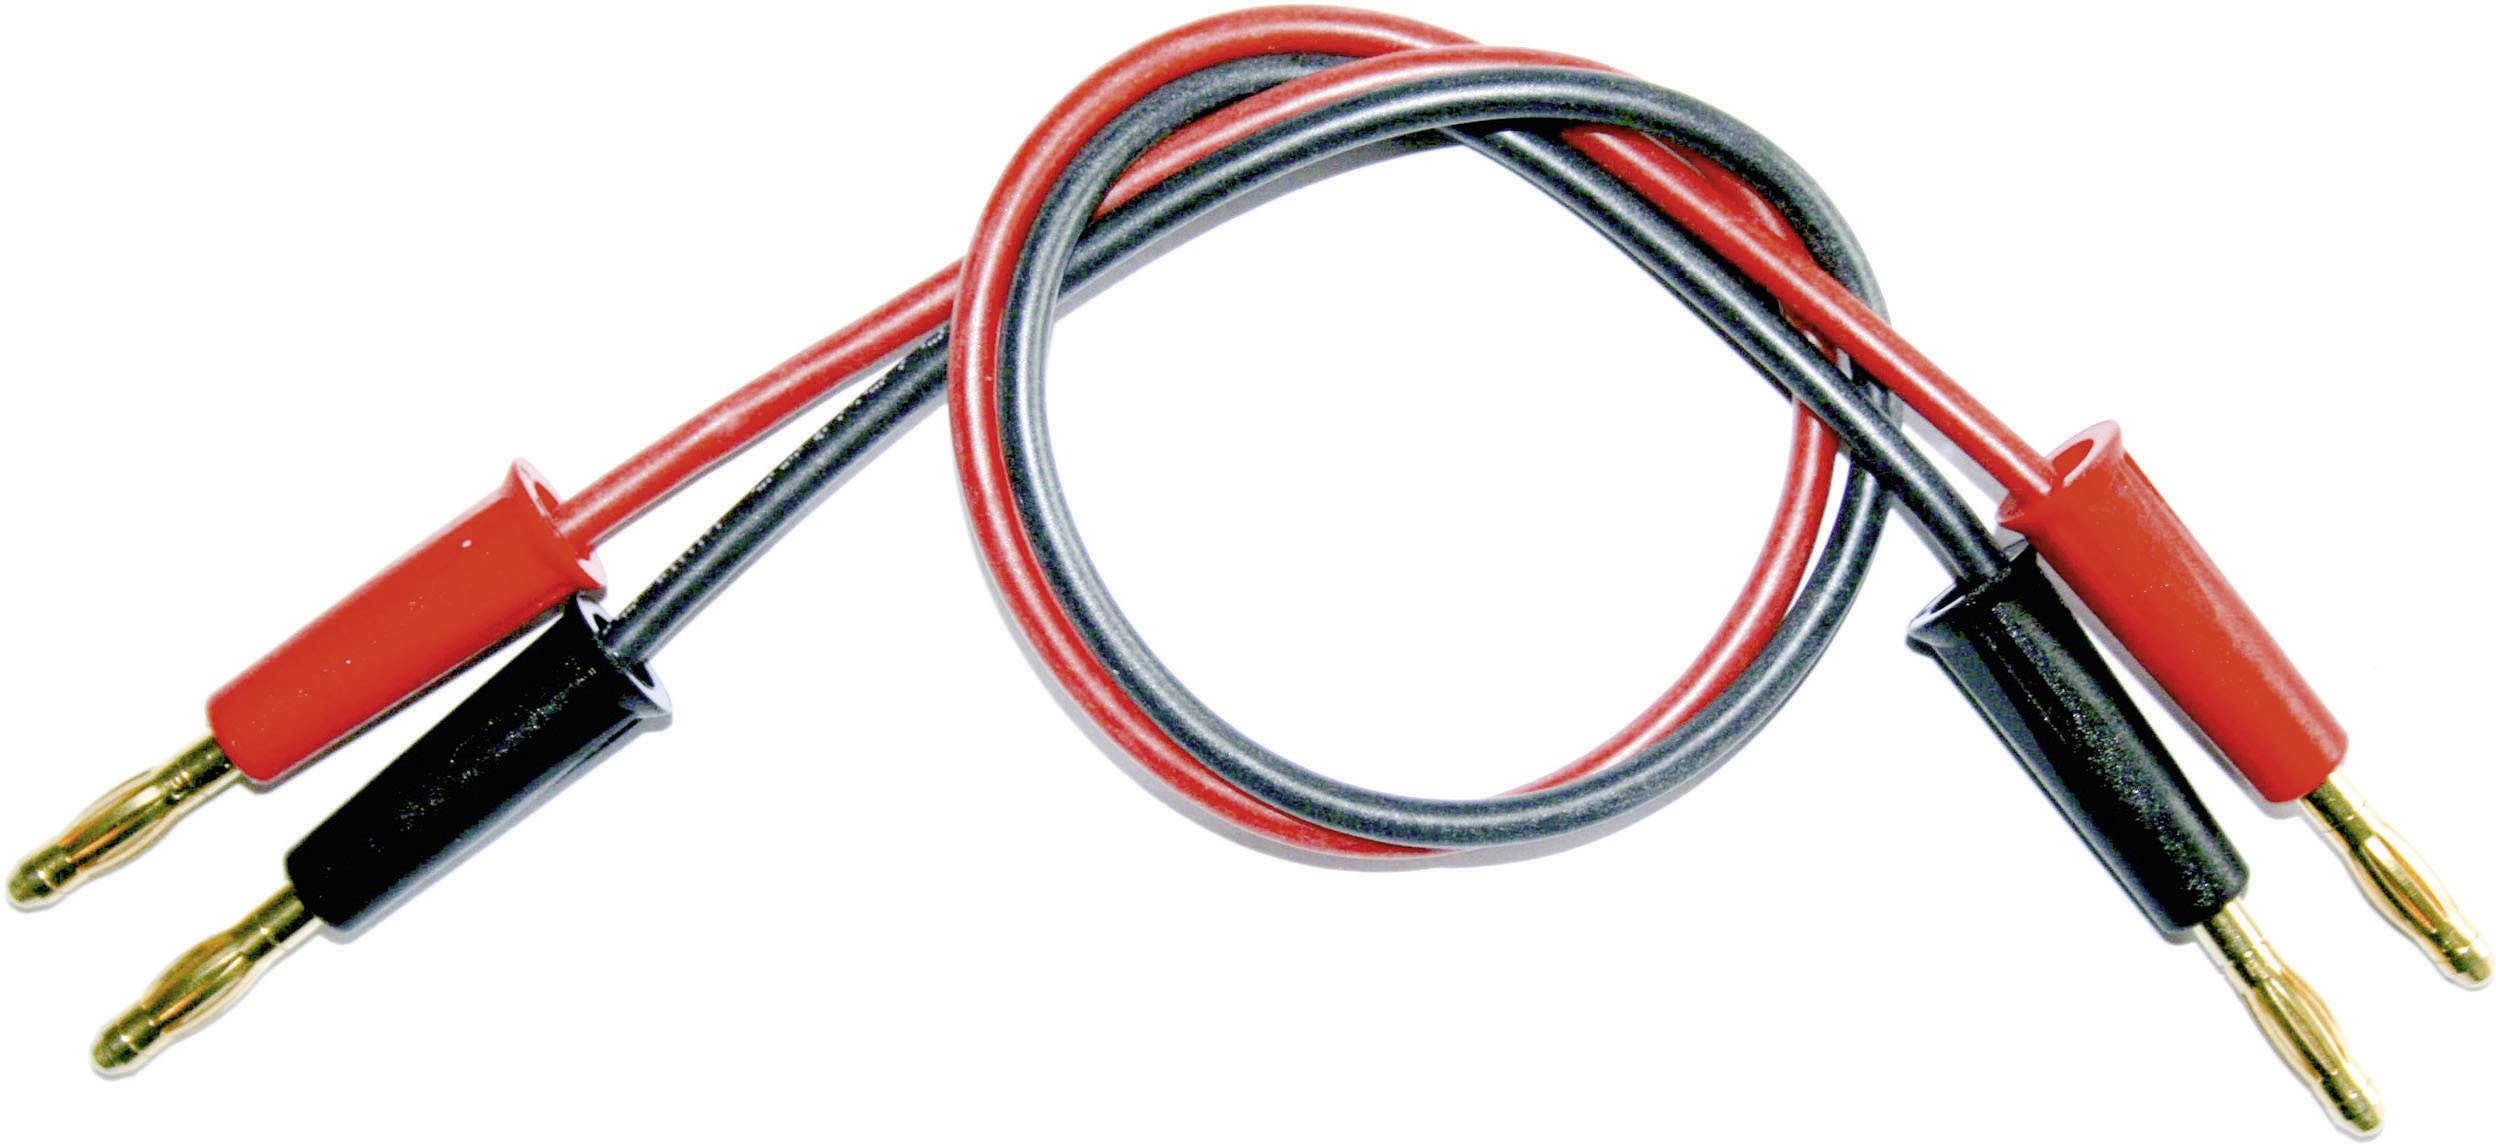 Nabíjecí kabel Modelcraft 208375, [2x banánková zástrčka - 2x banánková zástrčka], 250 mm, 2.5 mm²